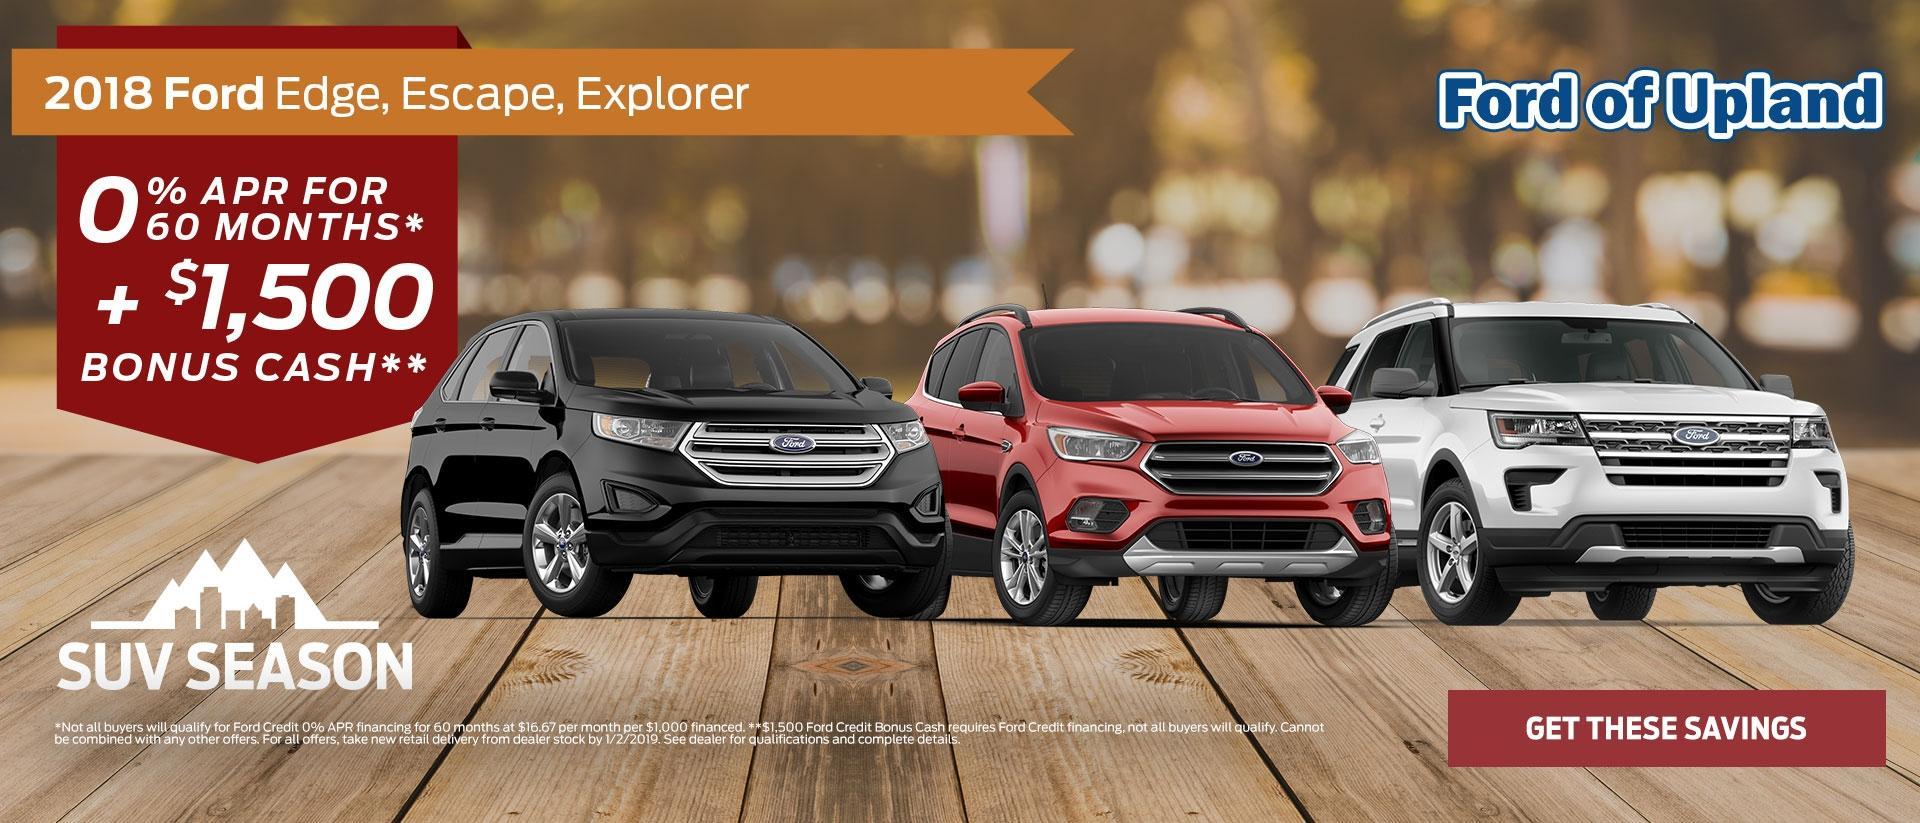 2018 Ford Edge, Escape, Explorer